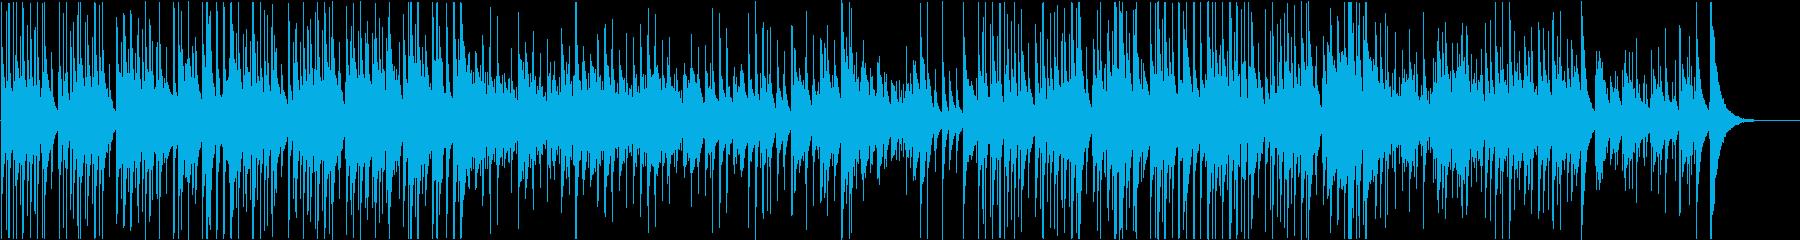 マレット音がキラキラ明るくかわいいBGMの再生済みの波形